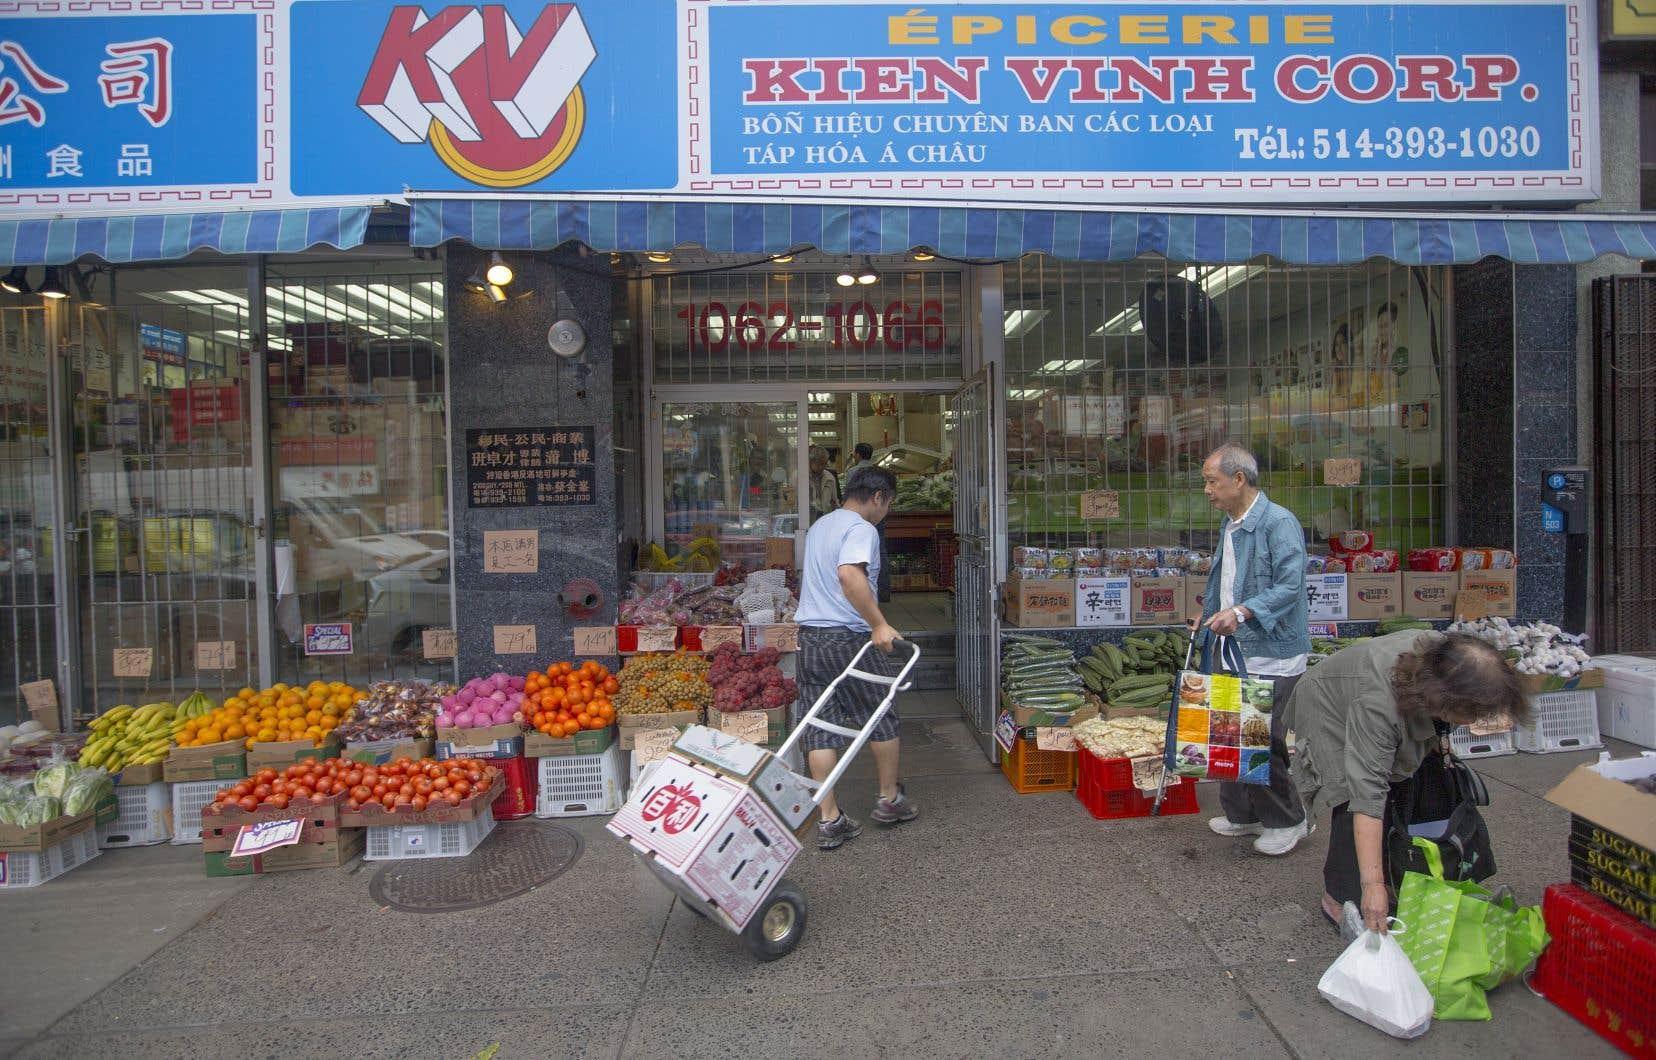 «Le petit commerçant d'origine étrangère sait, s'il veut rester en affaires, qu'il doit pouvoir servir sa clientèle dans les deux langues», explique l'auteur.